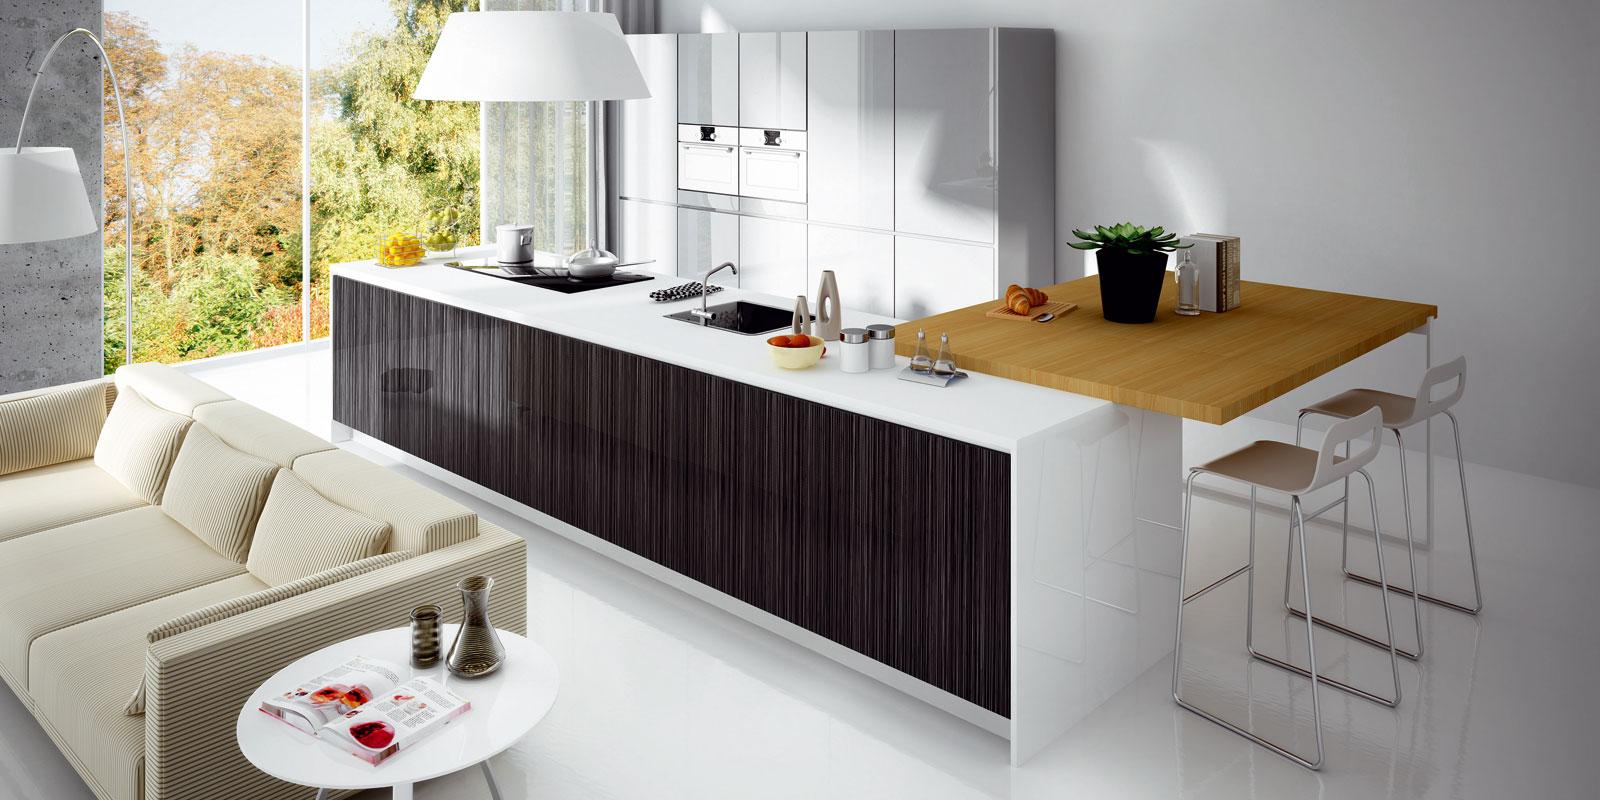 Alvic muebles de cocina las palmas dicerma pavimentos - Muebles de bano las palmas ...